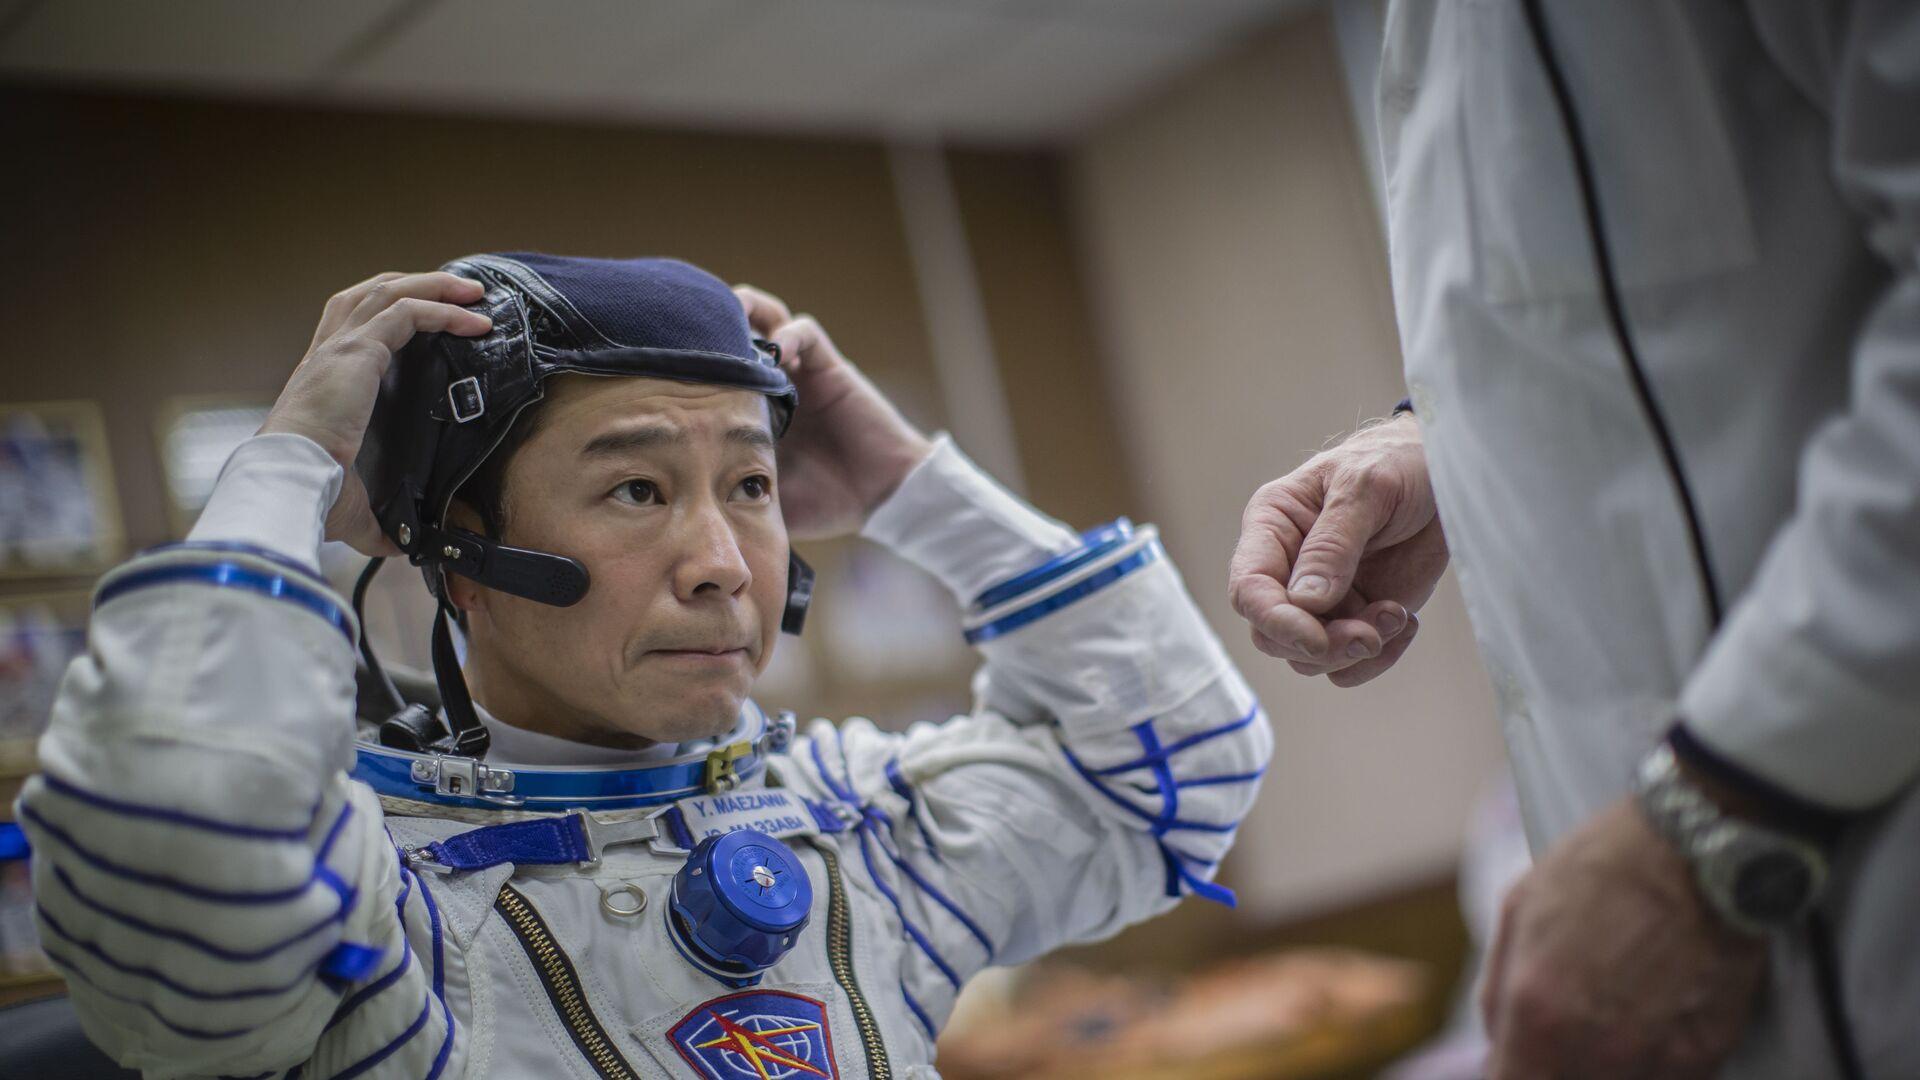 Du khách Yusaku Maezawa sẽ tham gia chuyến bay vào không gian sắp tới mặc thử bộ đồ vũ trụ Sokol - Sputnik Việt Nam, 1920, 15.10.2021